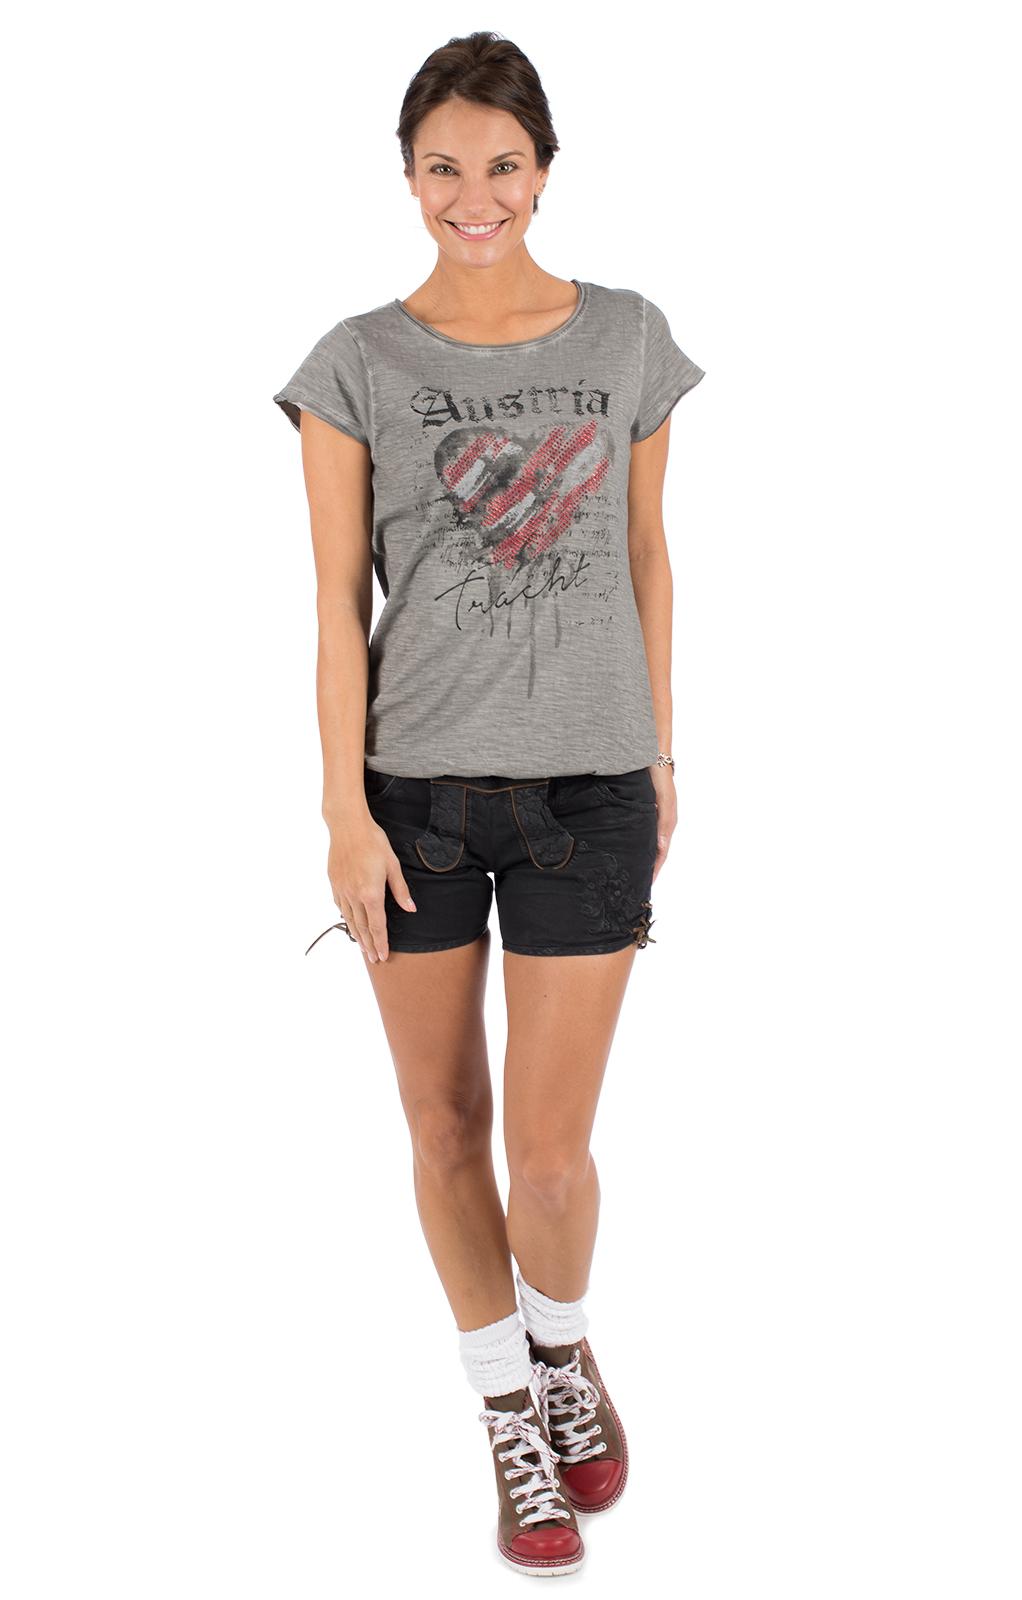 weitere Bilder von Trachten T-Shirt INKA Austria grau